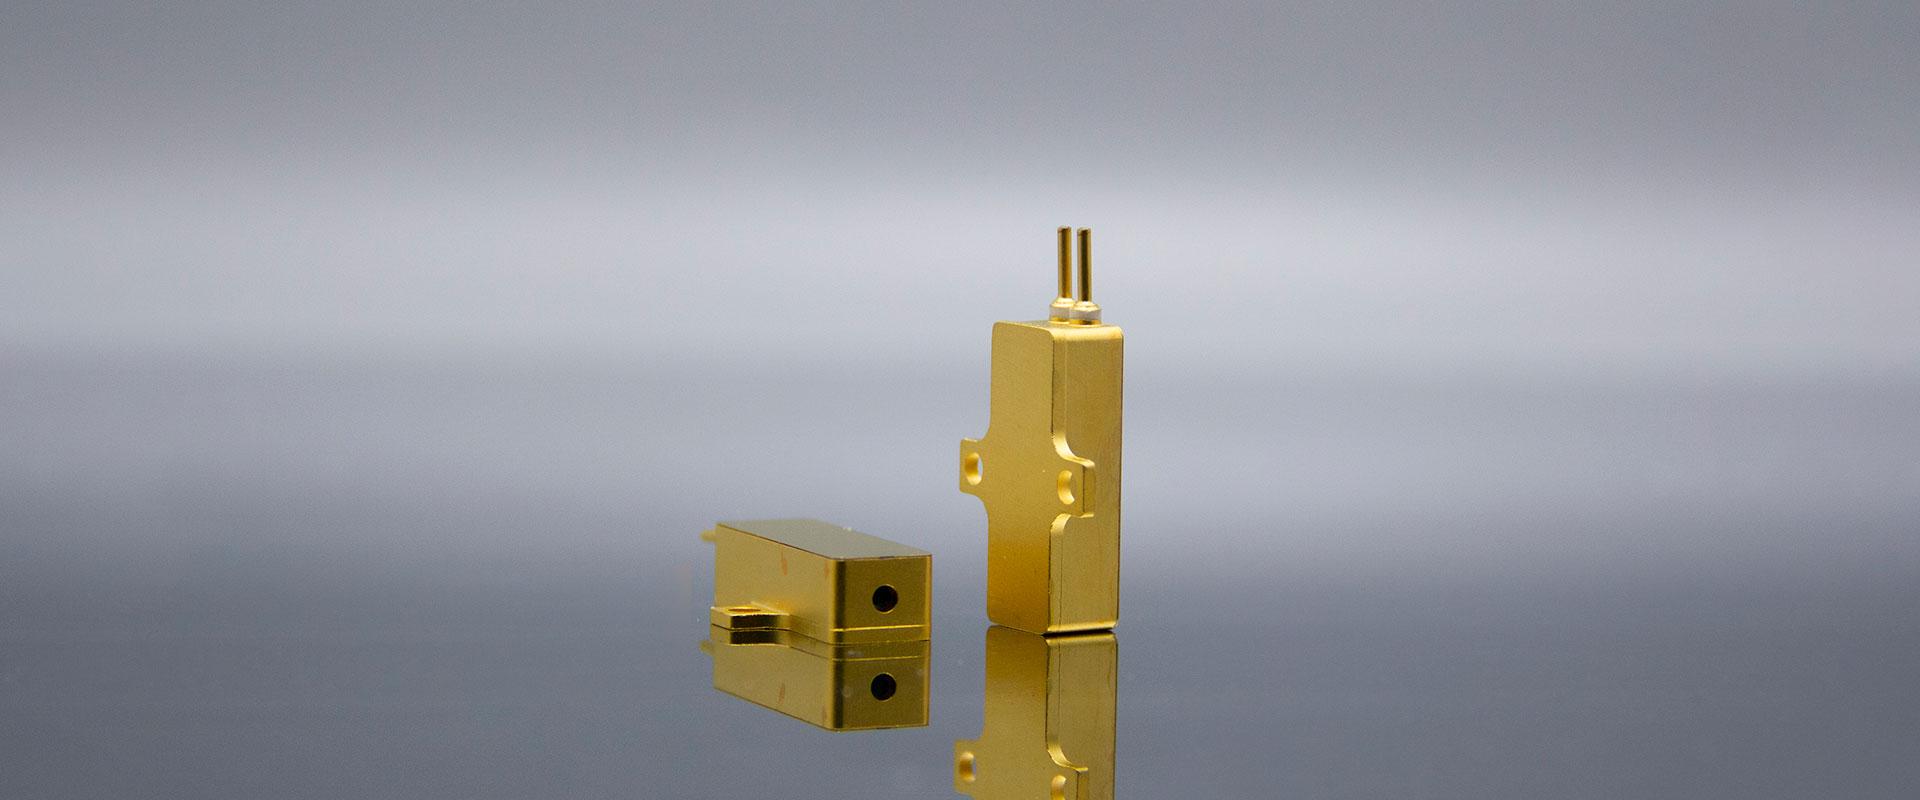 Er Glass Laser 铒玻璃固体激光器 - CRYLINK